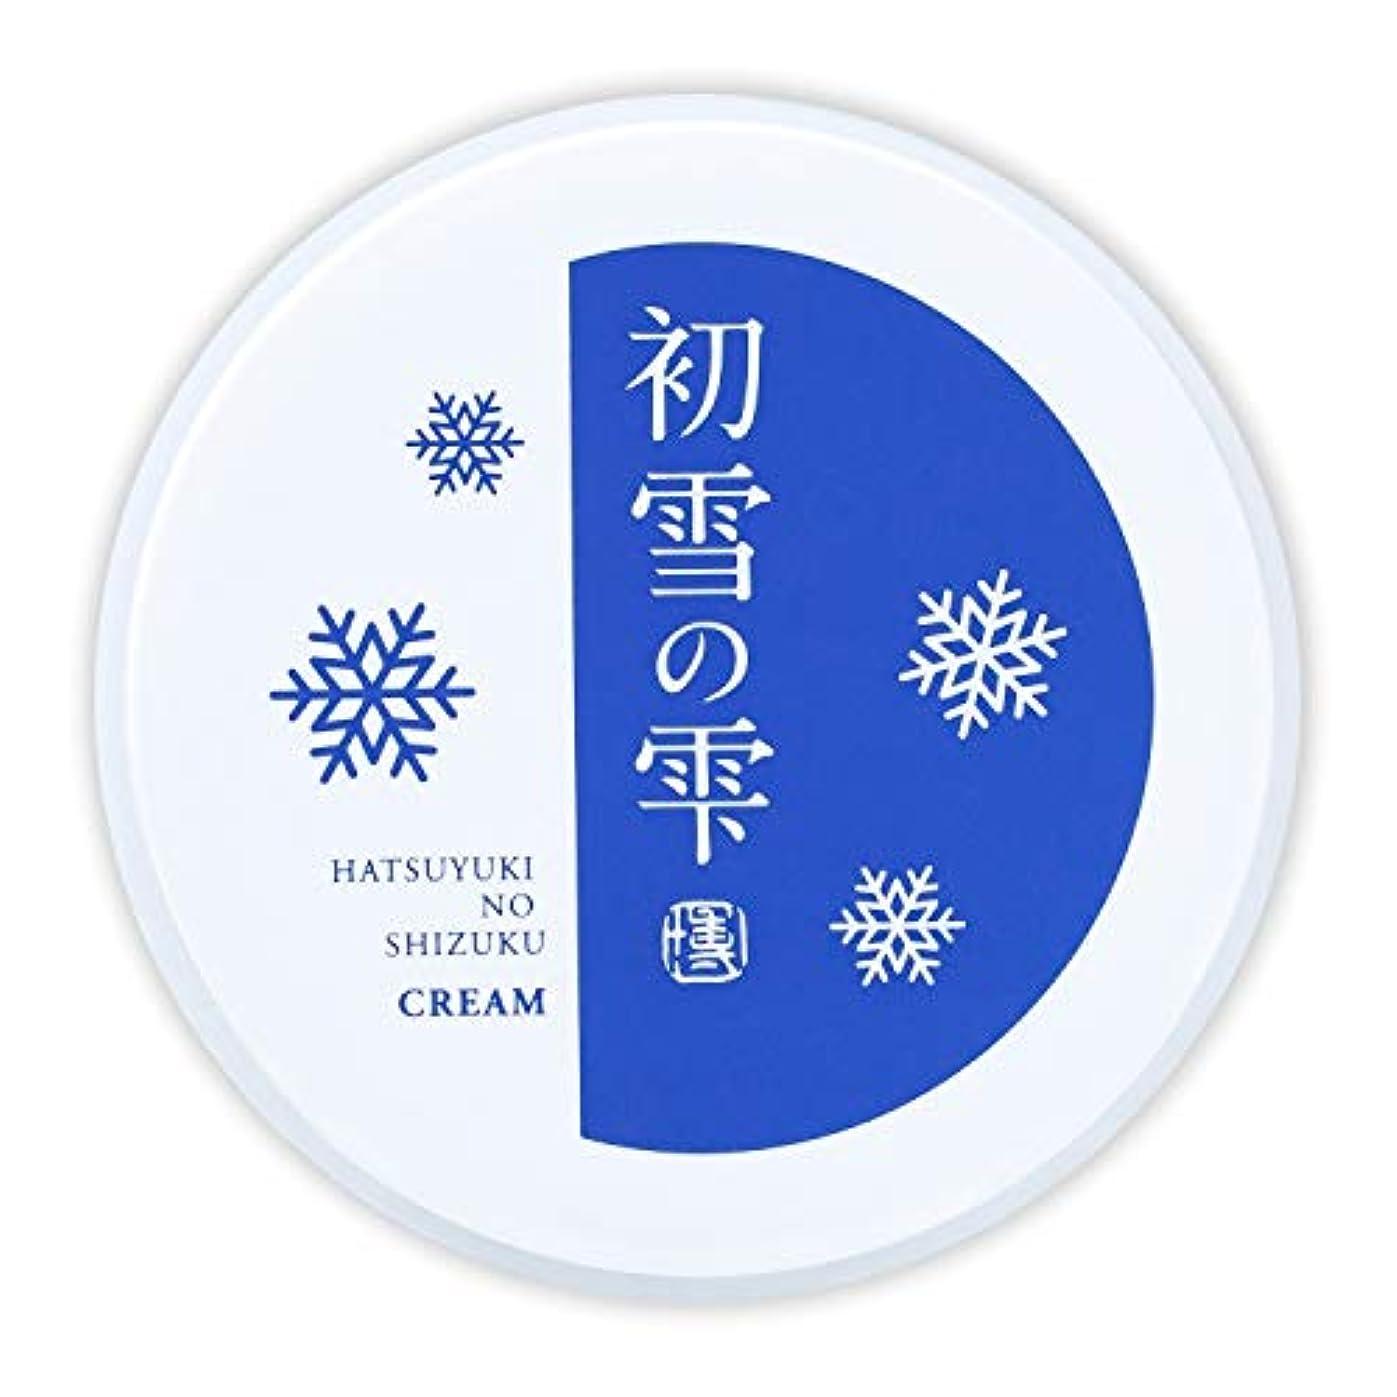 そよ風代表話初雪の雫 オールインワン 保湿 クリーム 27g 約2週間分 [プラセンタ ヒアルロン酸 セラミド アルブチン ビタミンC ]